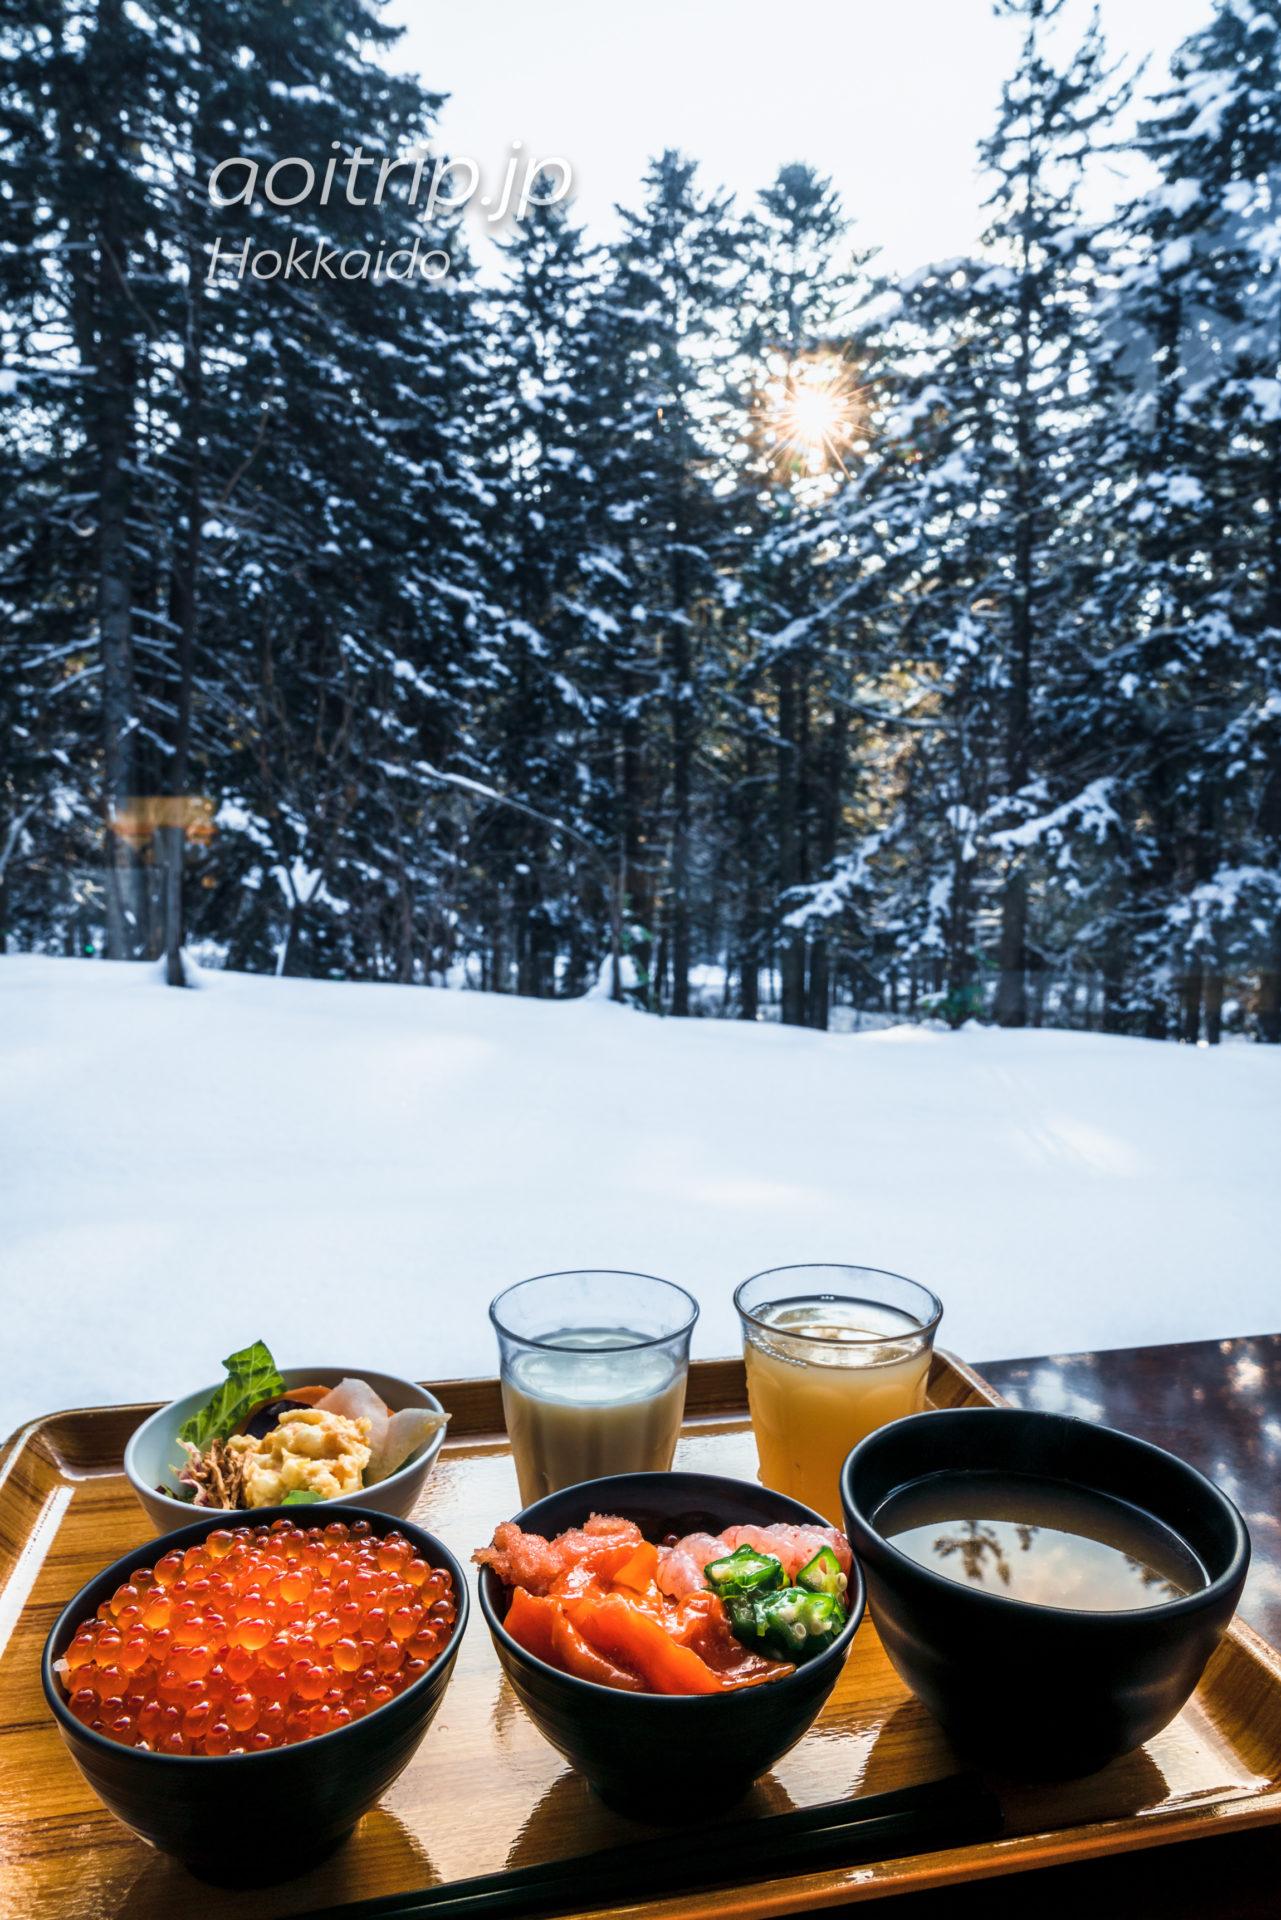 星野リゾートトマム 森のレストラン ニニヌプリの朝食ビュッフェ なまら海鮮丼と雪景色